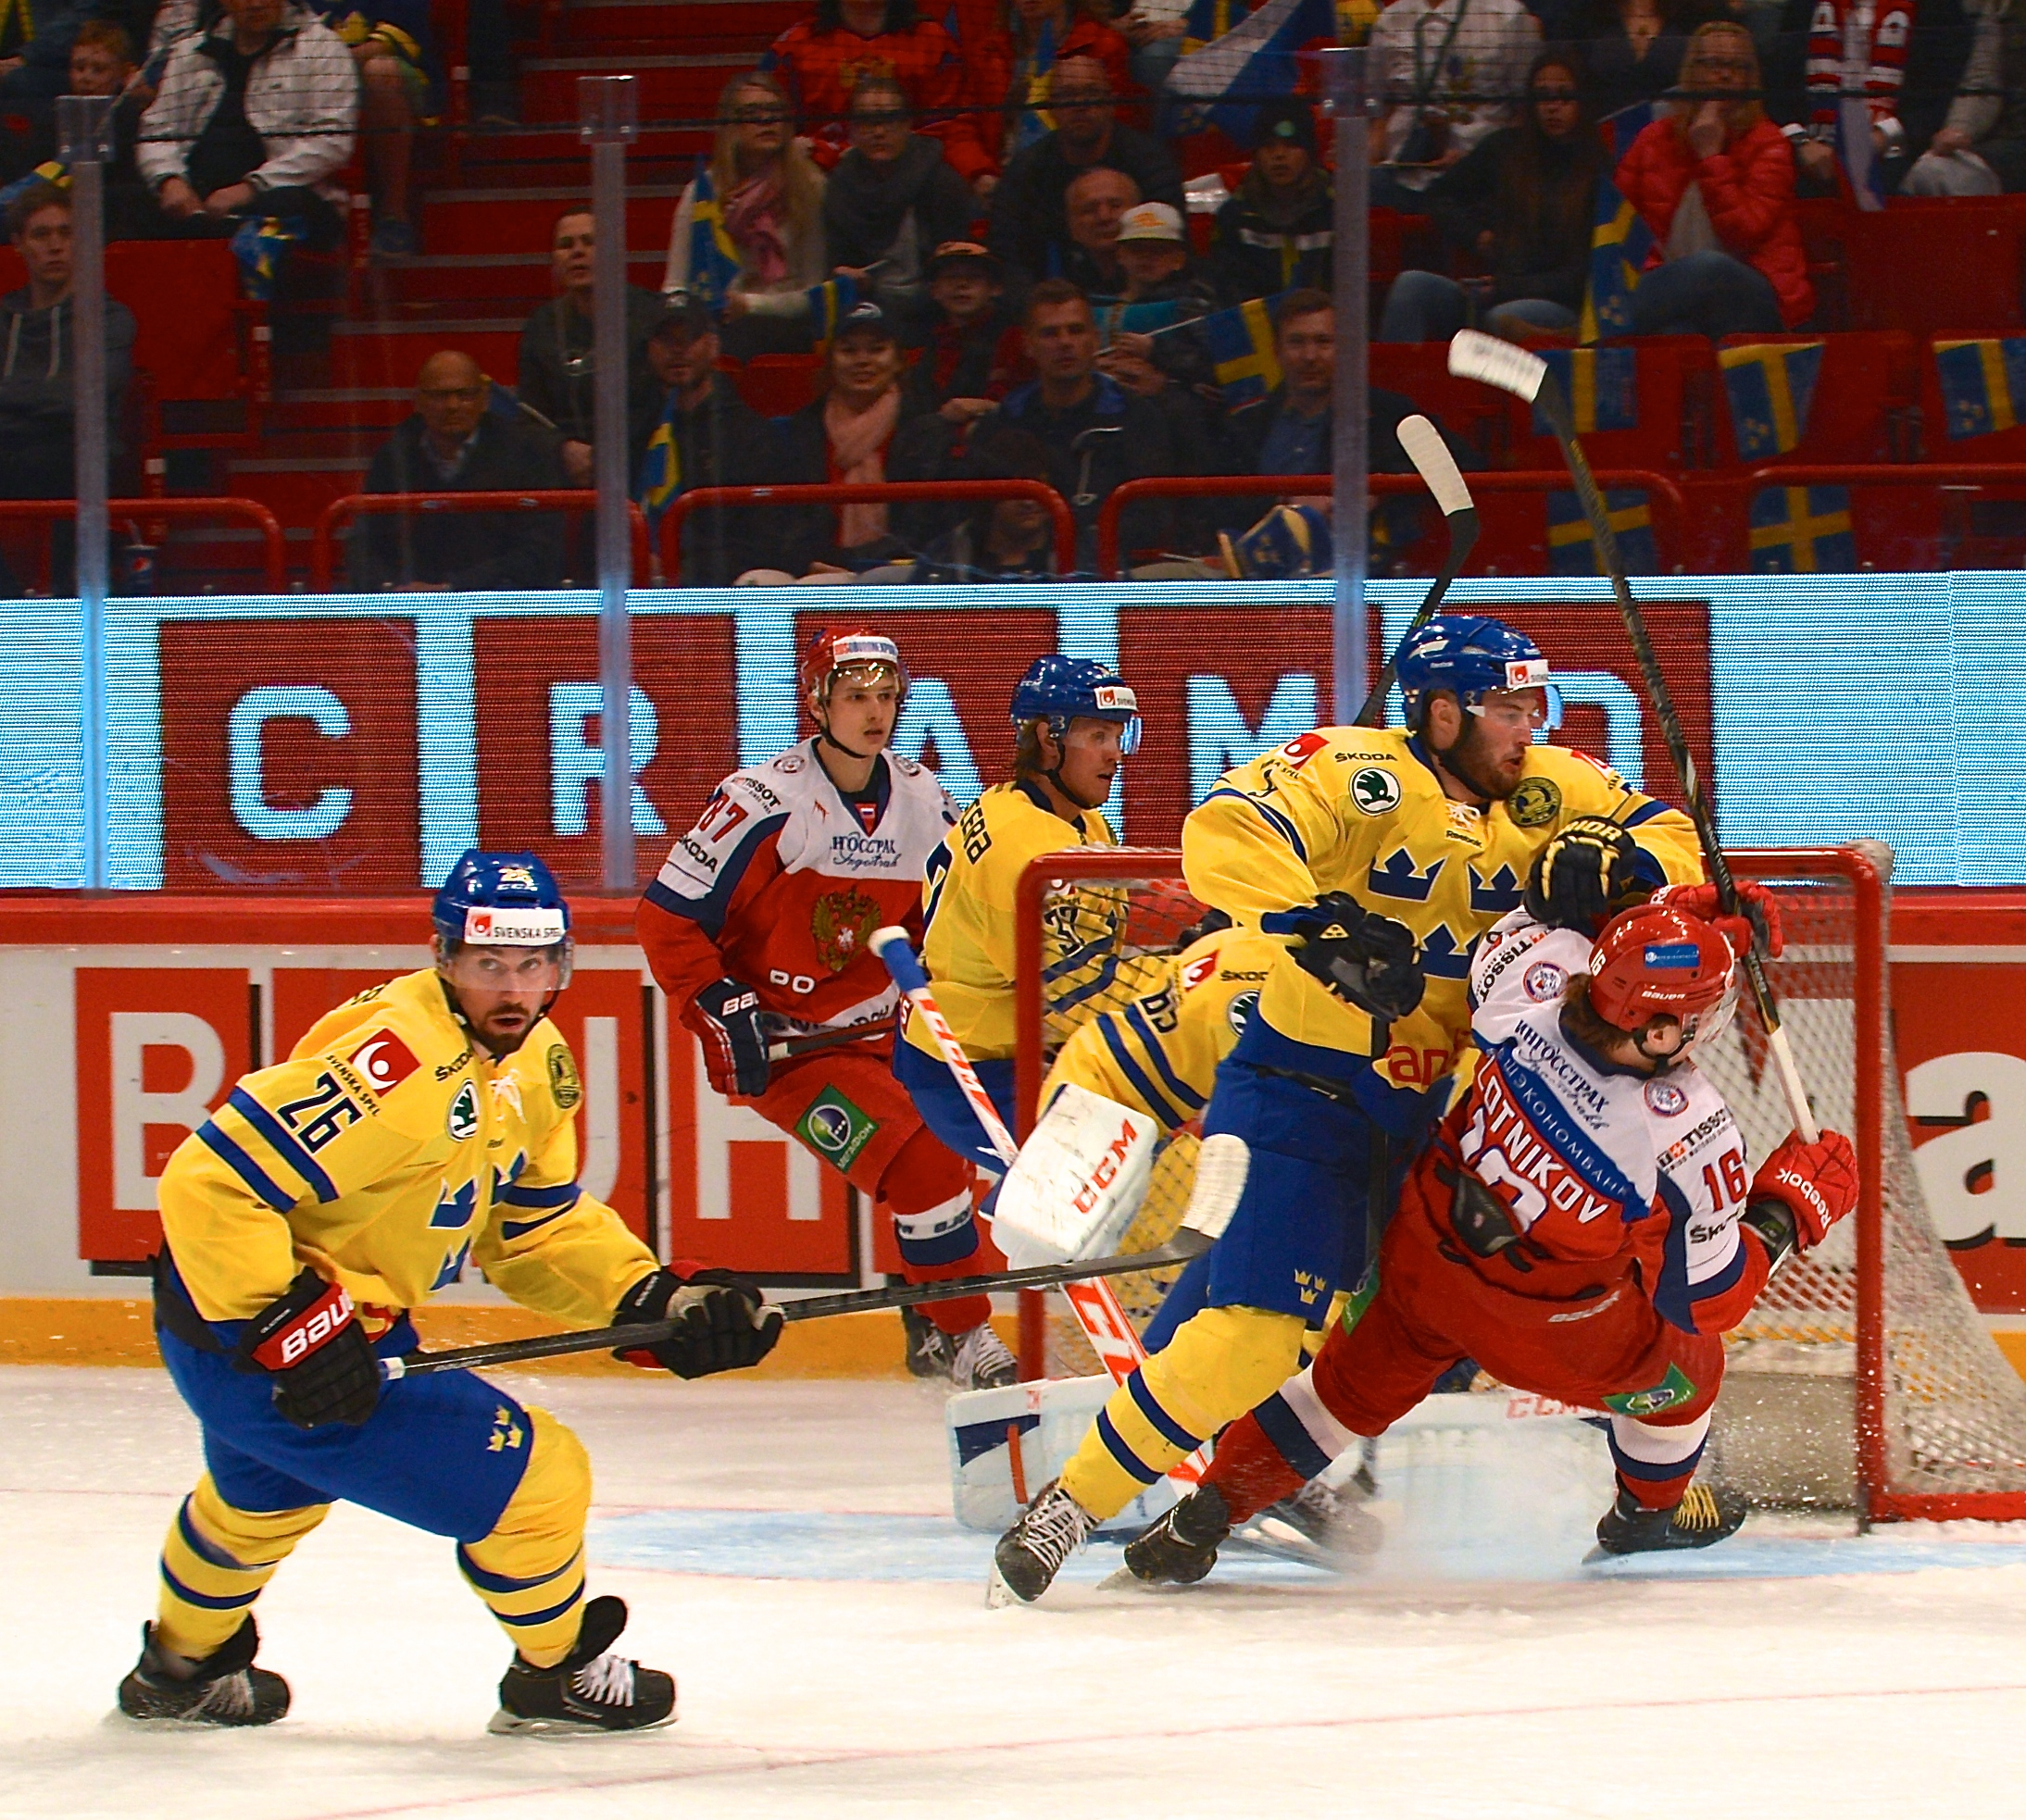 stockholms ishockey